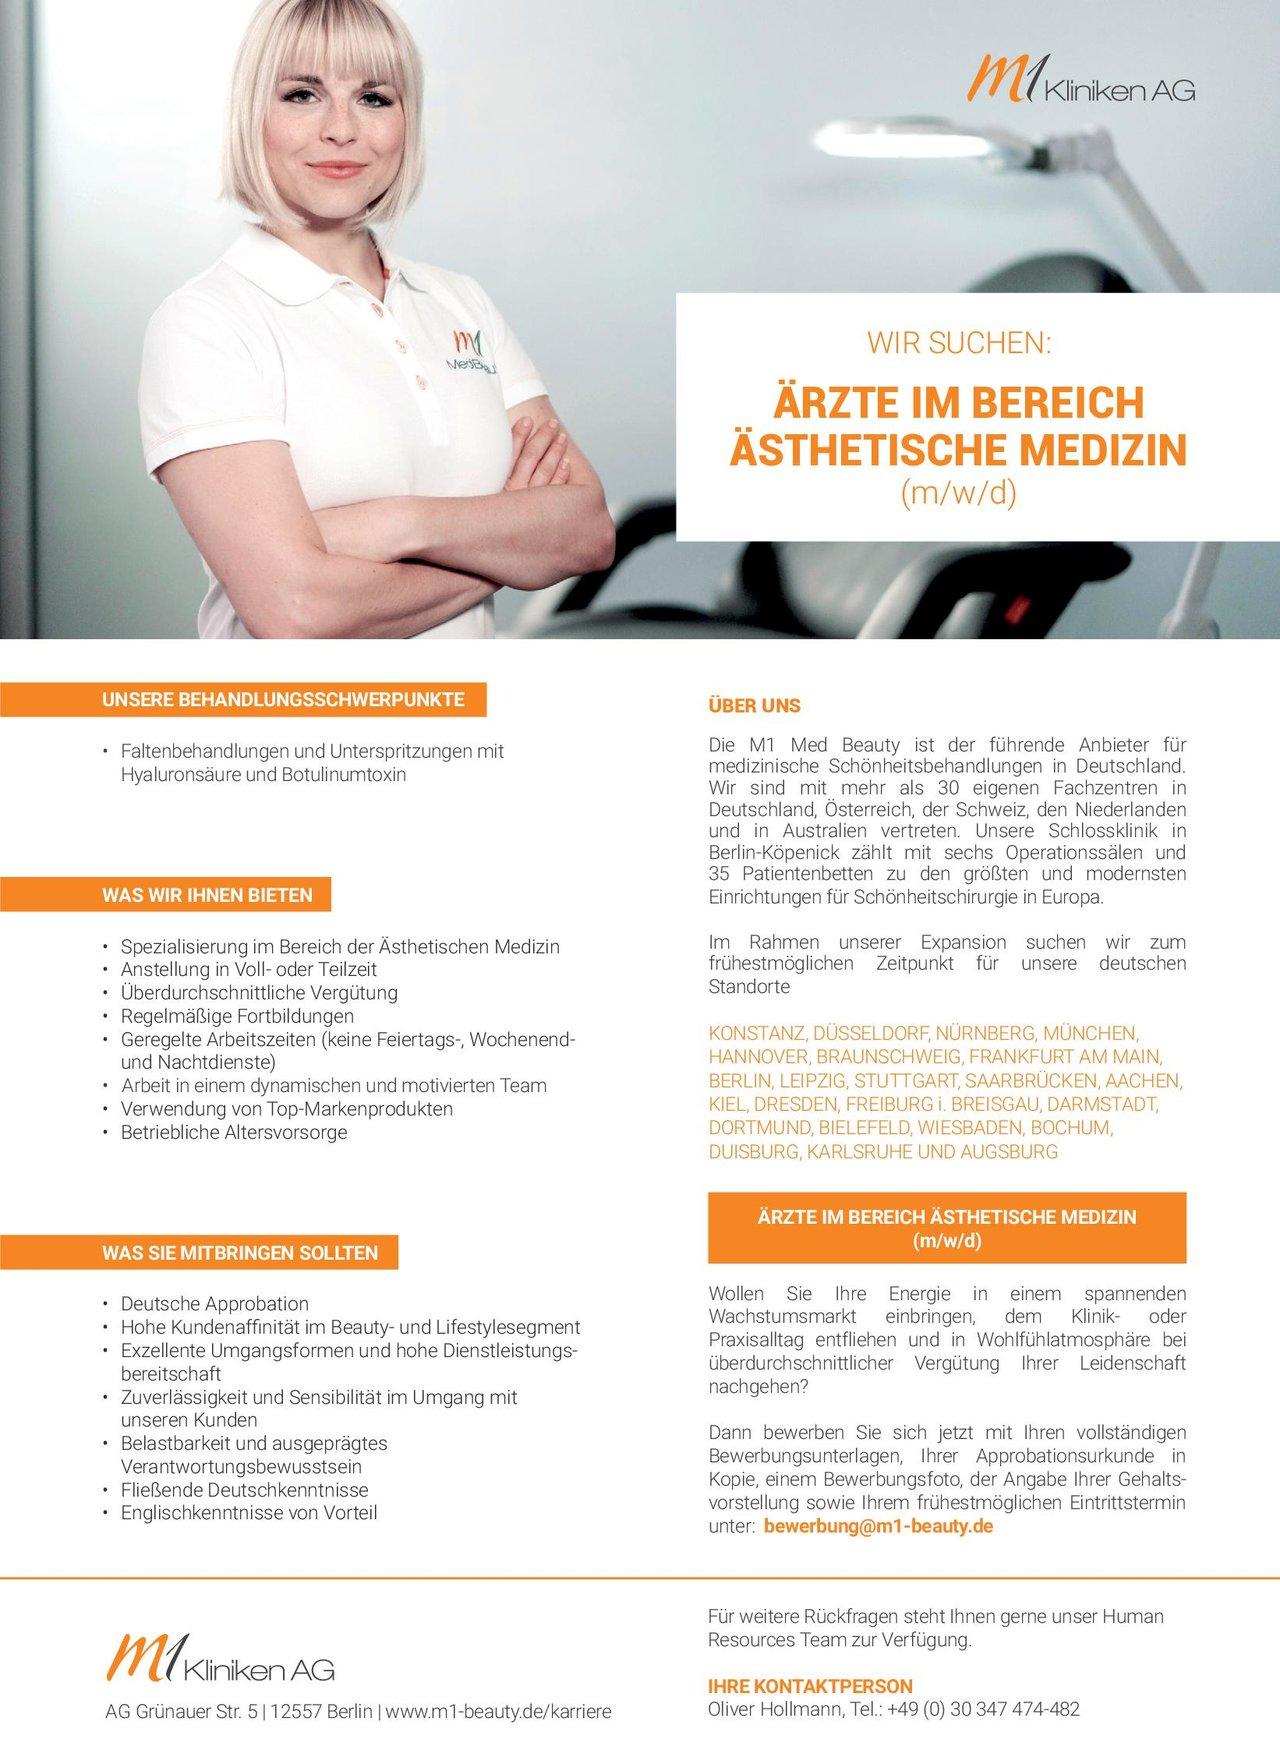 M1 Kliniken AG Ärzte im Bereich Ästhetische Medizin (m/w/d)  Plastische und ästhetische Chirurgie, * andere Gebiete, Chirurgie Arzt / Facharzt